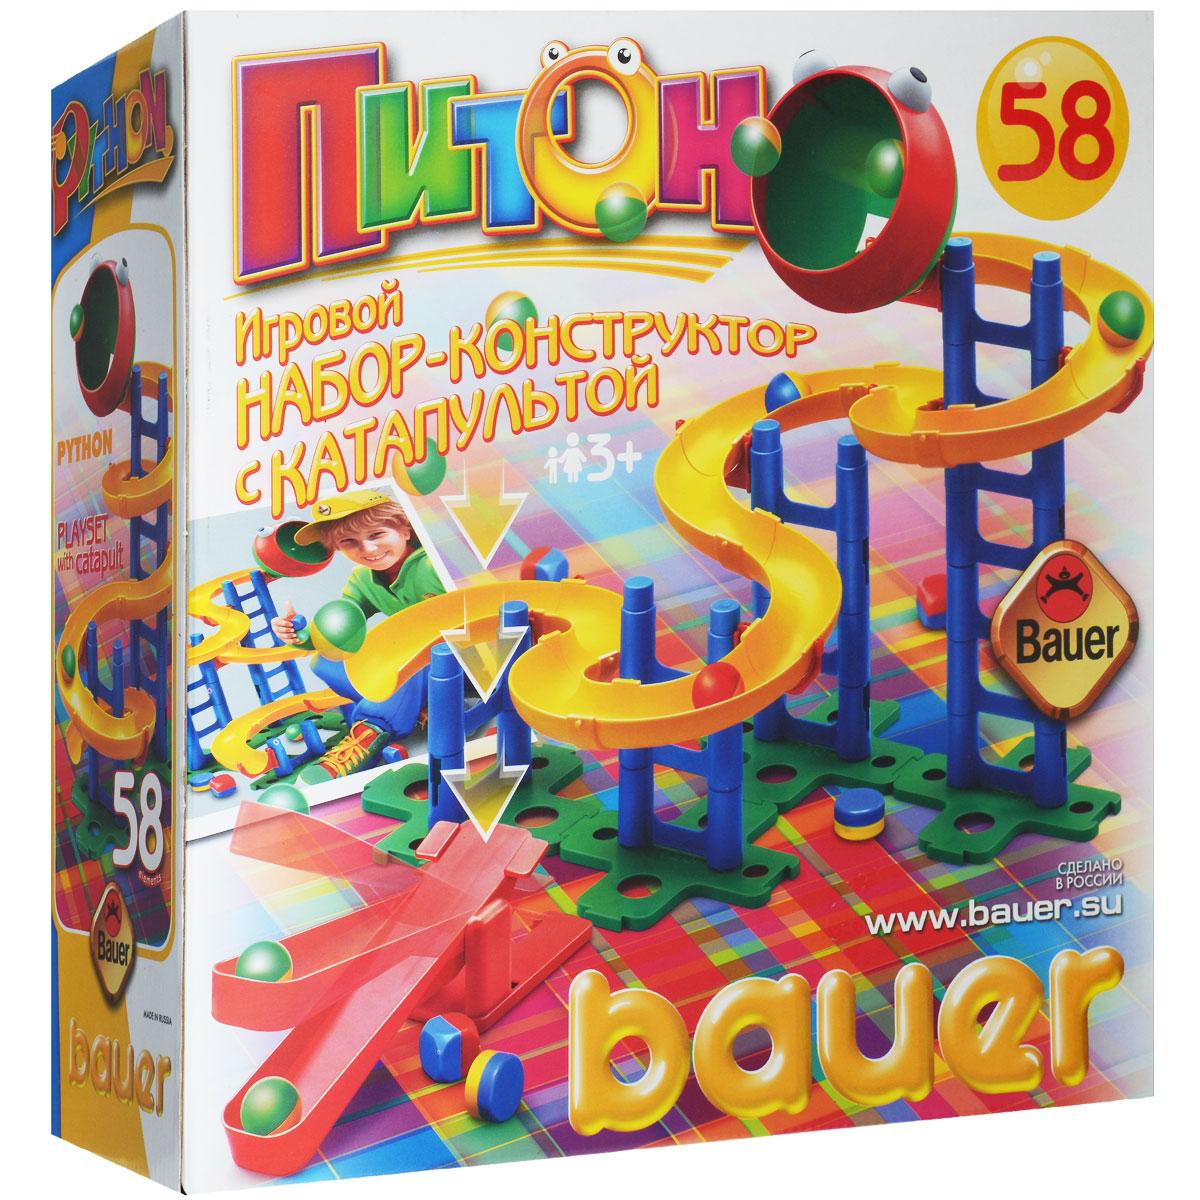 Bauer Конструктор Питон036Конструктор Bauer Питон - веселая и увлекательная игра, представляющая собой пластиковый конструктор, состоящий из 58 элементов. Верхняя часть выполнена в виде головы питона, с огромным распахнутым ртом, а внизу имеется катапульта с предметами для метания, которые можно забрасывать прямо в пасть питона, и тогда они по желобу скатятся обратно к катапульте. Из деталей конструктора можно собрать питона разных форм. Развивает координацию действий, моторику. В набор входит: катапульта, ядра, желоба и стойки. Конструктор упакован в удобную коробку с ручкой для переноски.